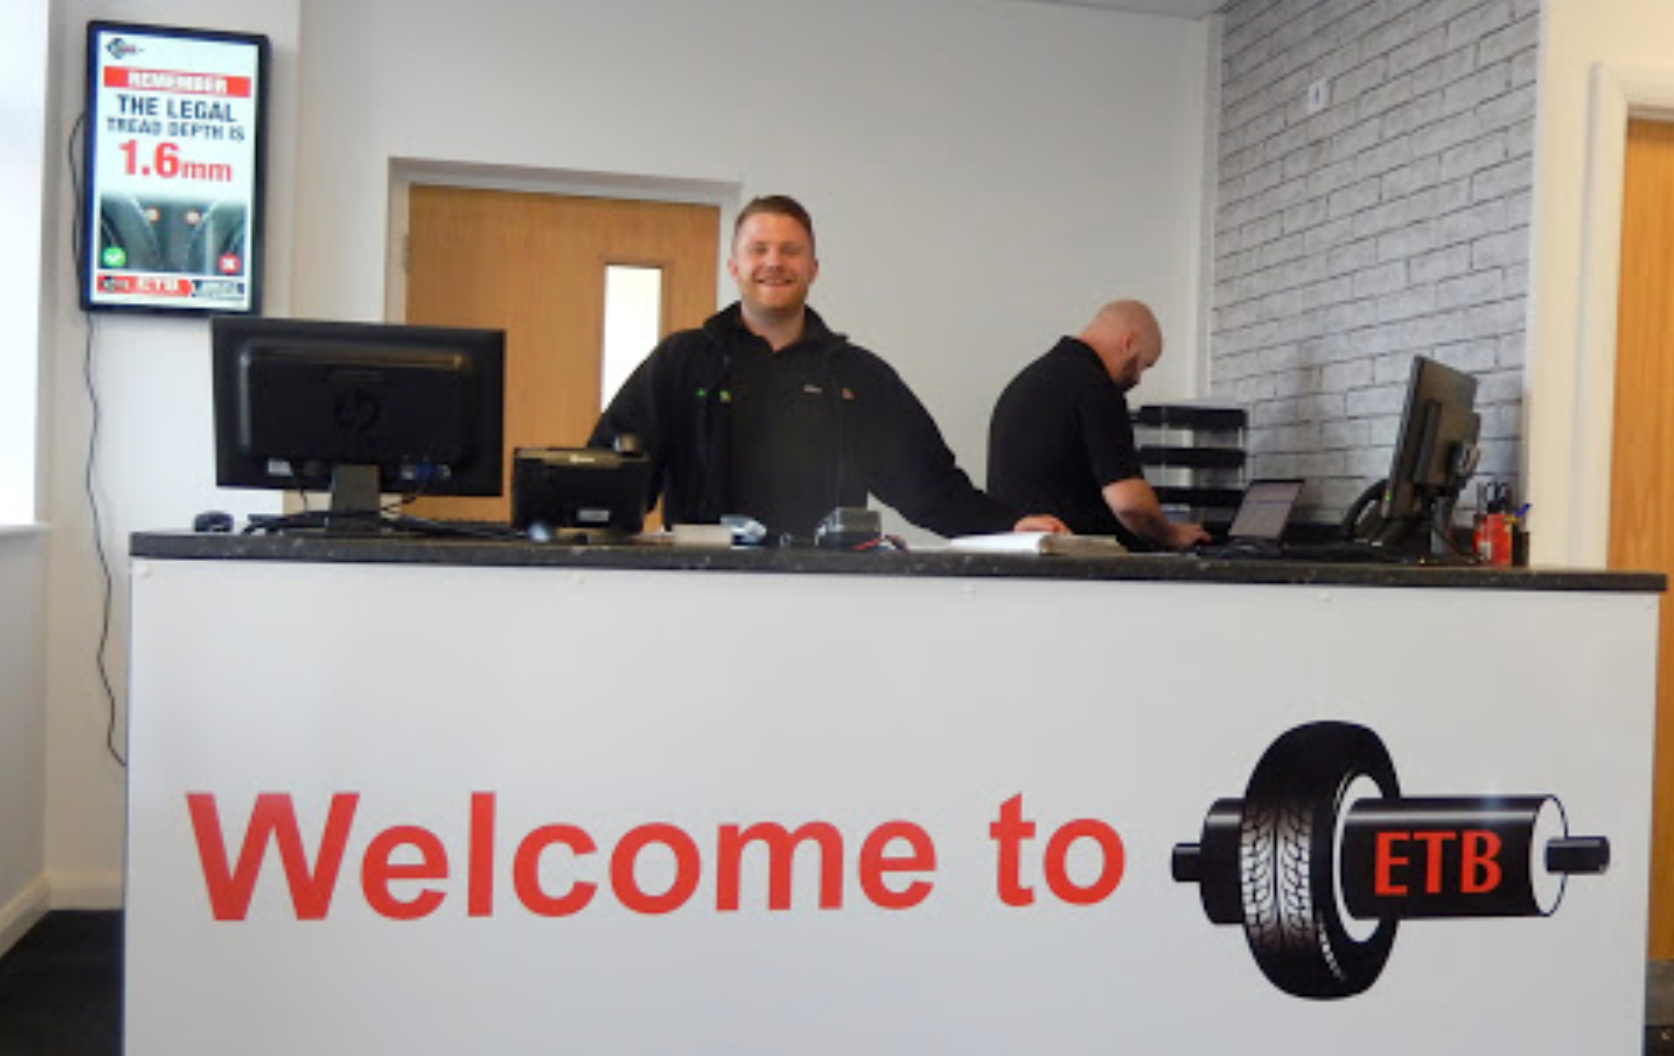 ETB - Exhaust Tyres & Batteries Cheltenham